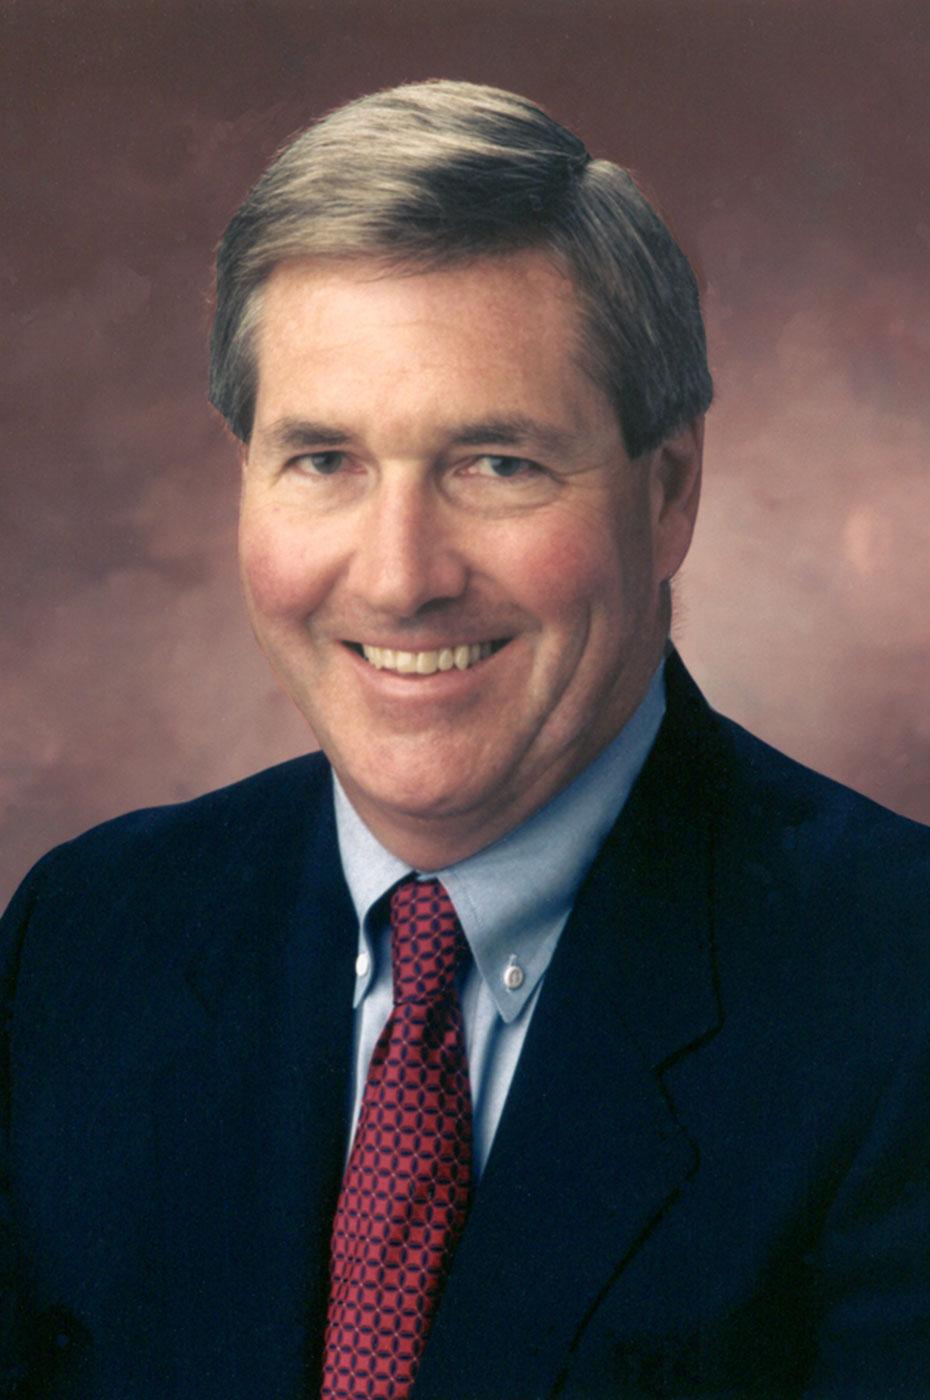 John W. Kirk, III